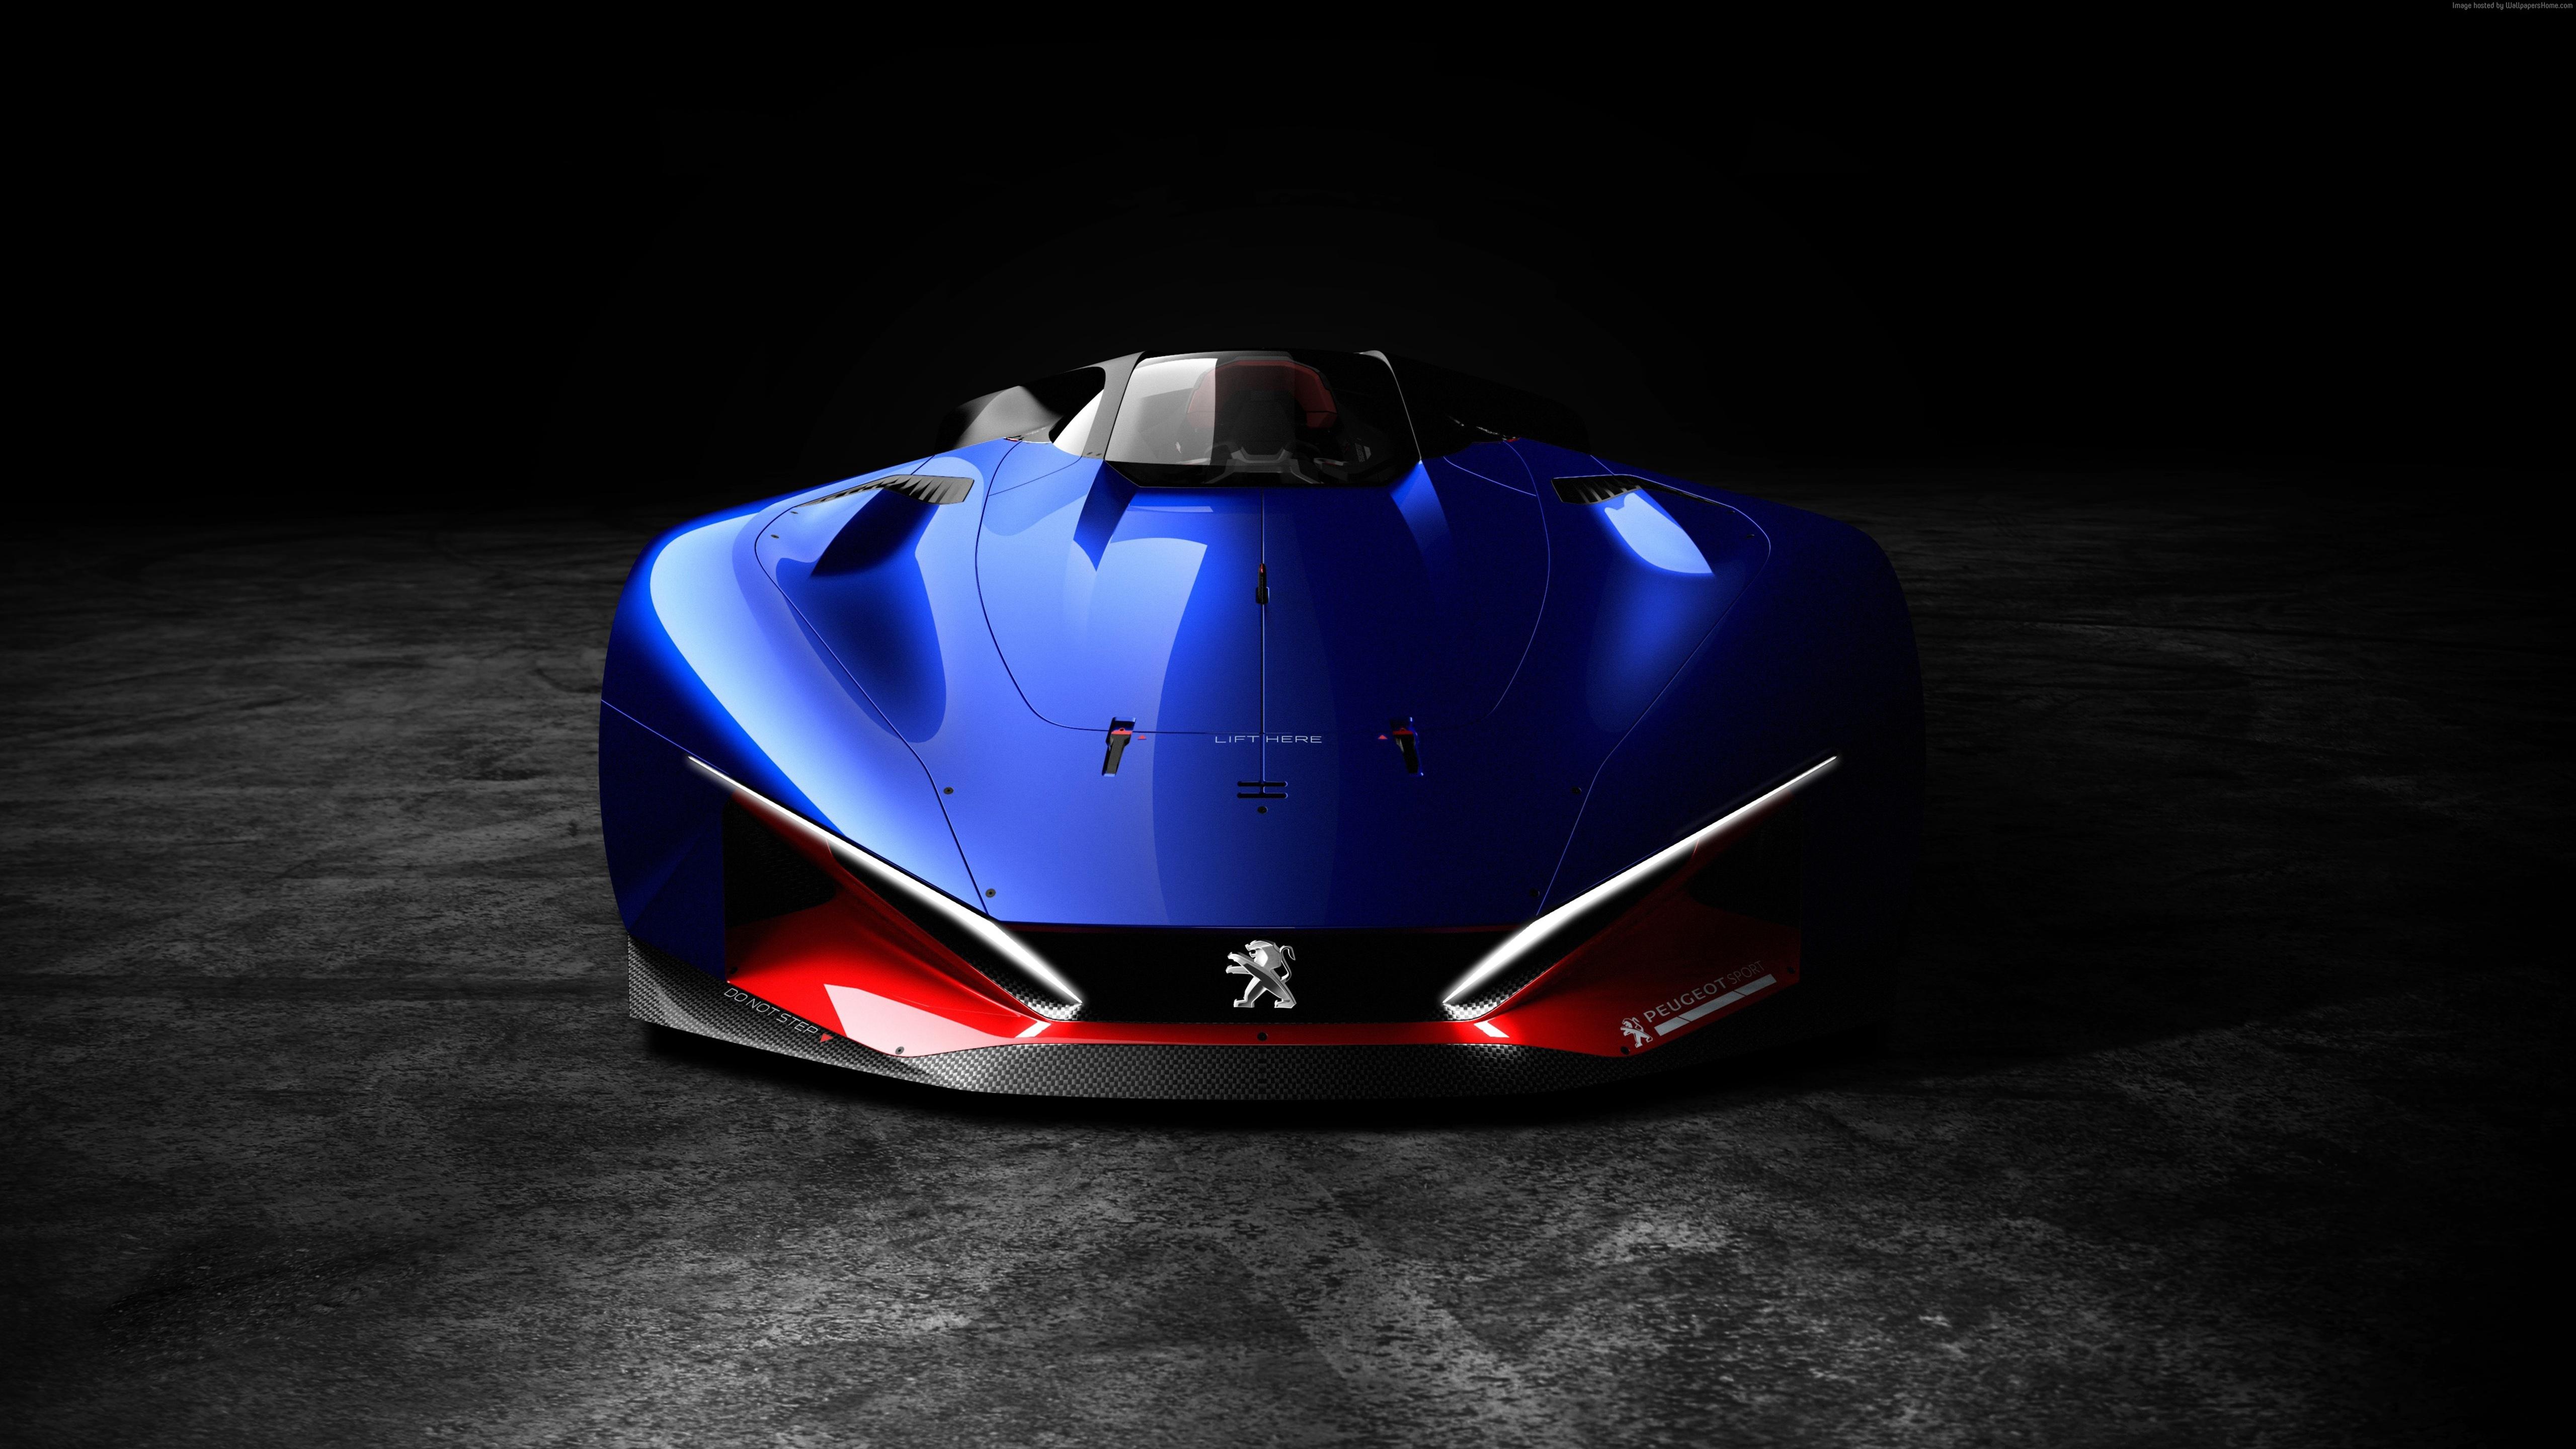 2016 peugeot l500 r concept car | cars hd 4k wallpapers